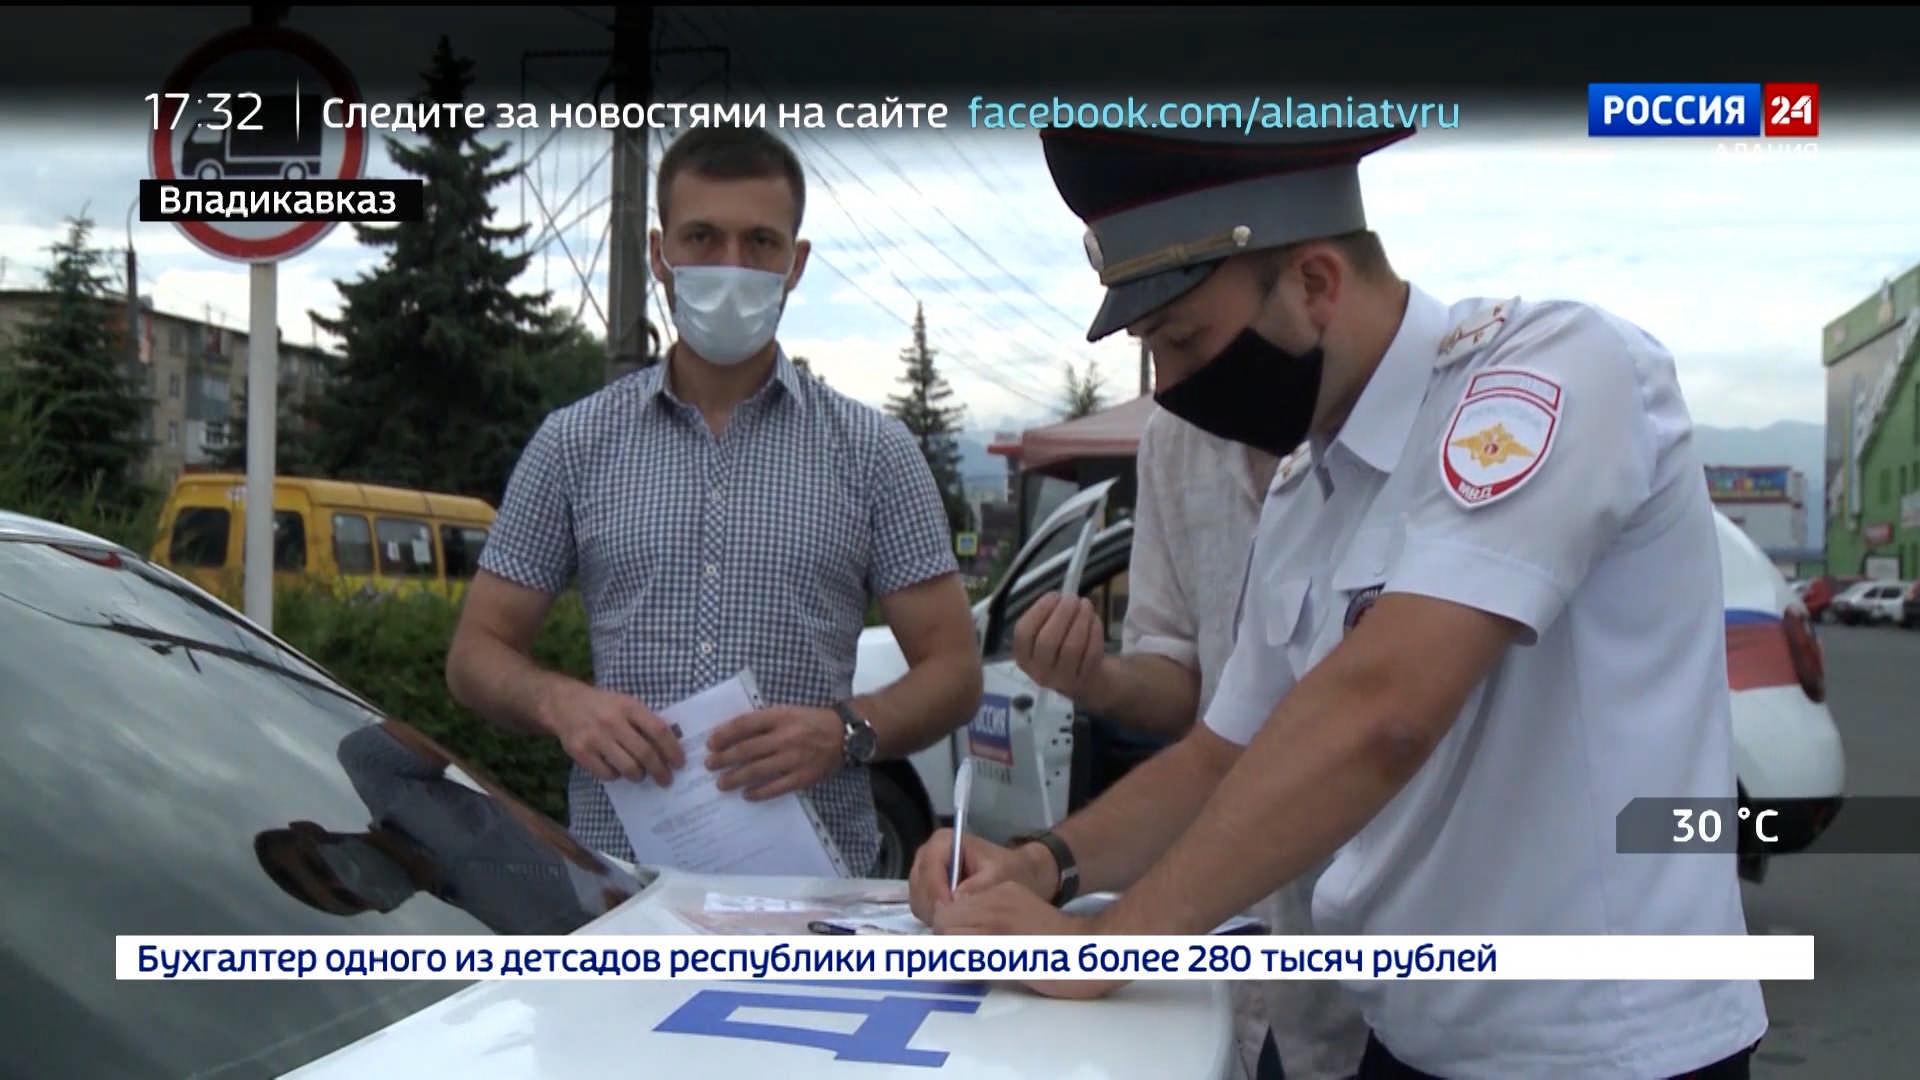 Во Владикавказе провели очередной рейд по соблюдению требований  санитарной безопасности  в общественном транспорте